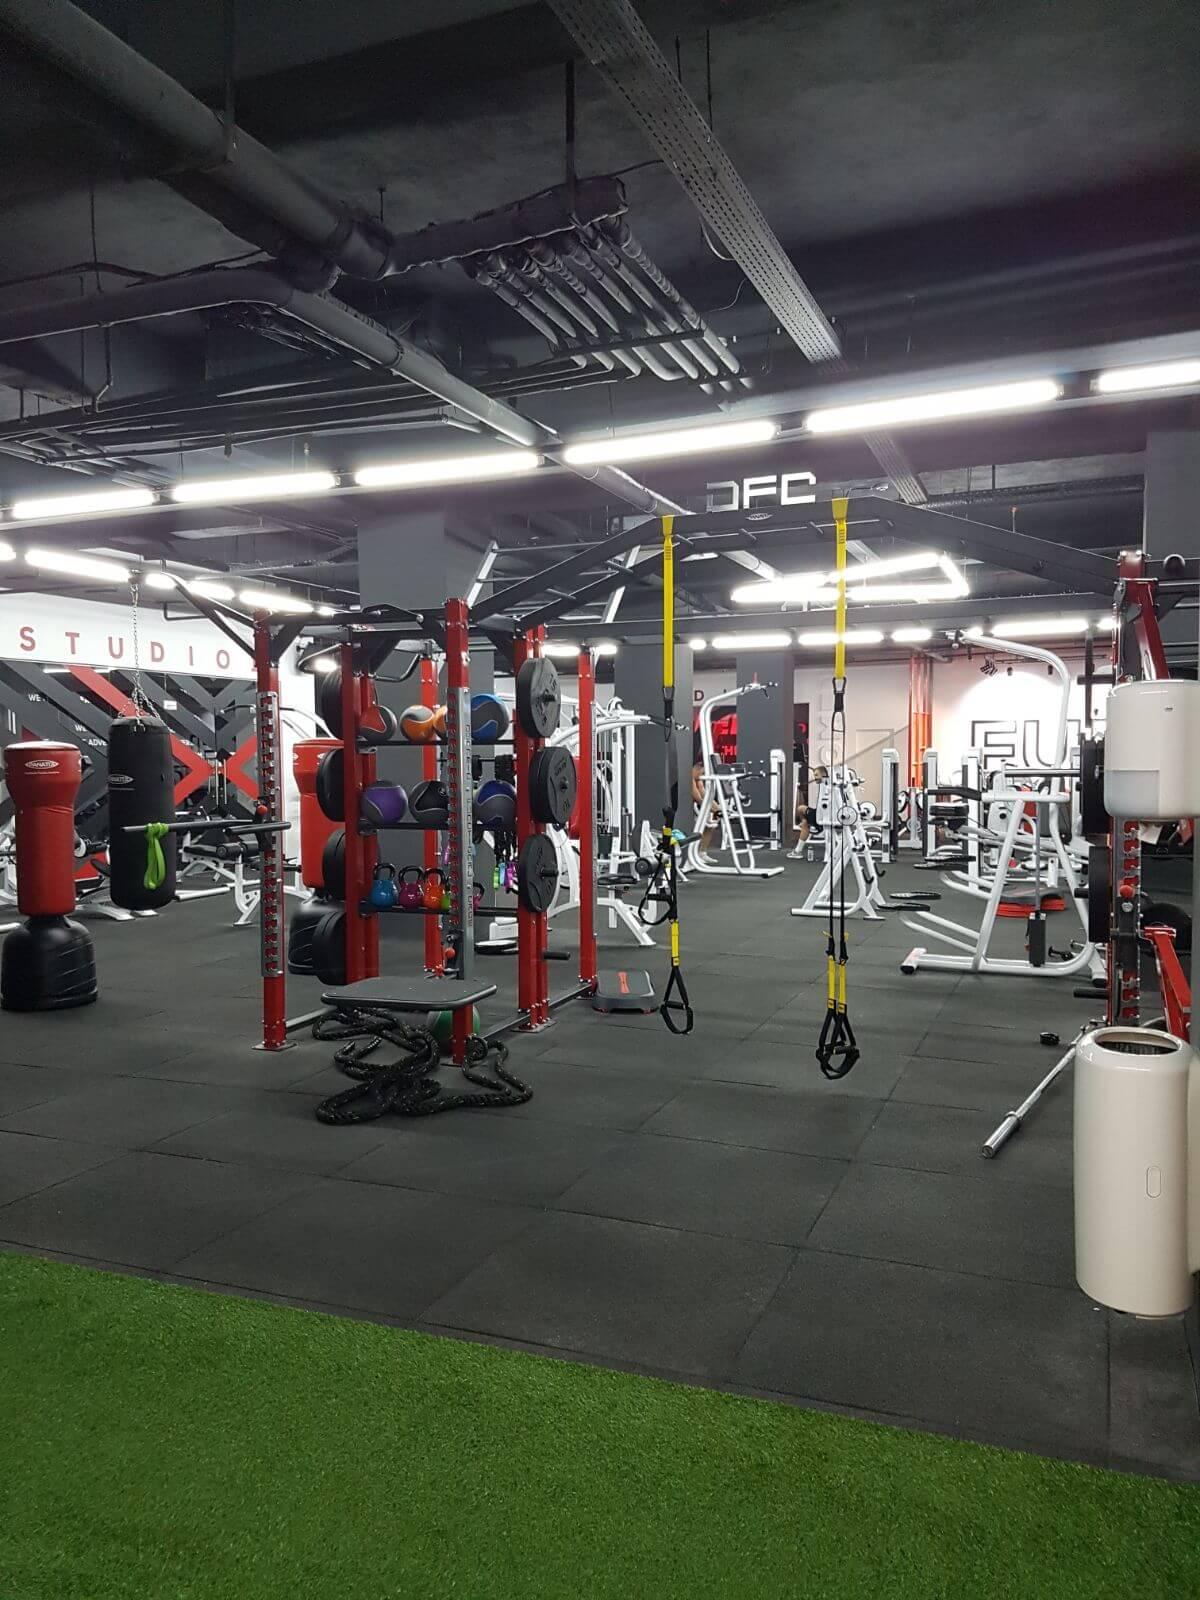 Galerie echipamente fitness 2018 - 11